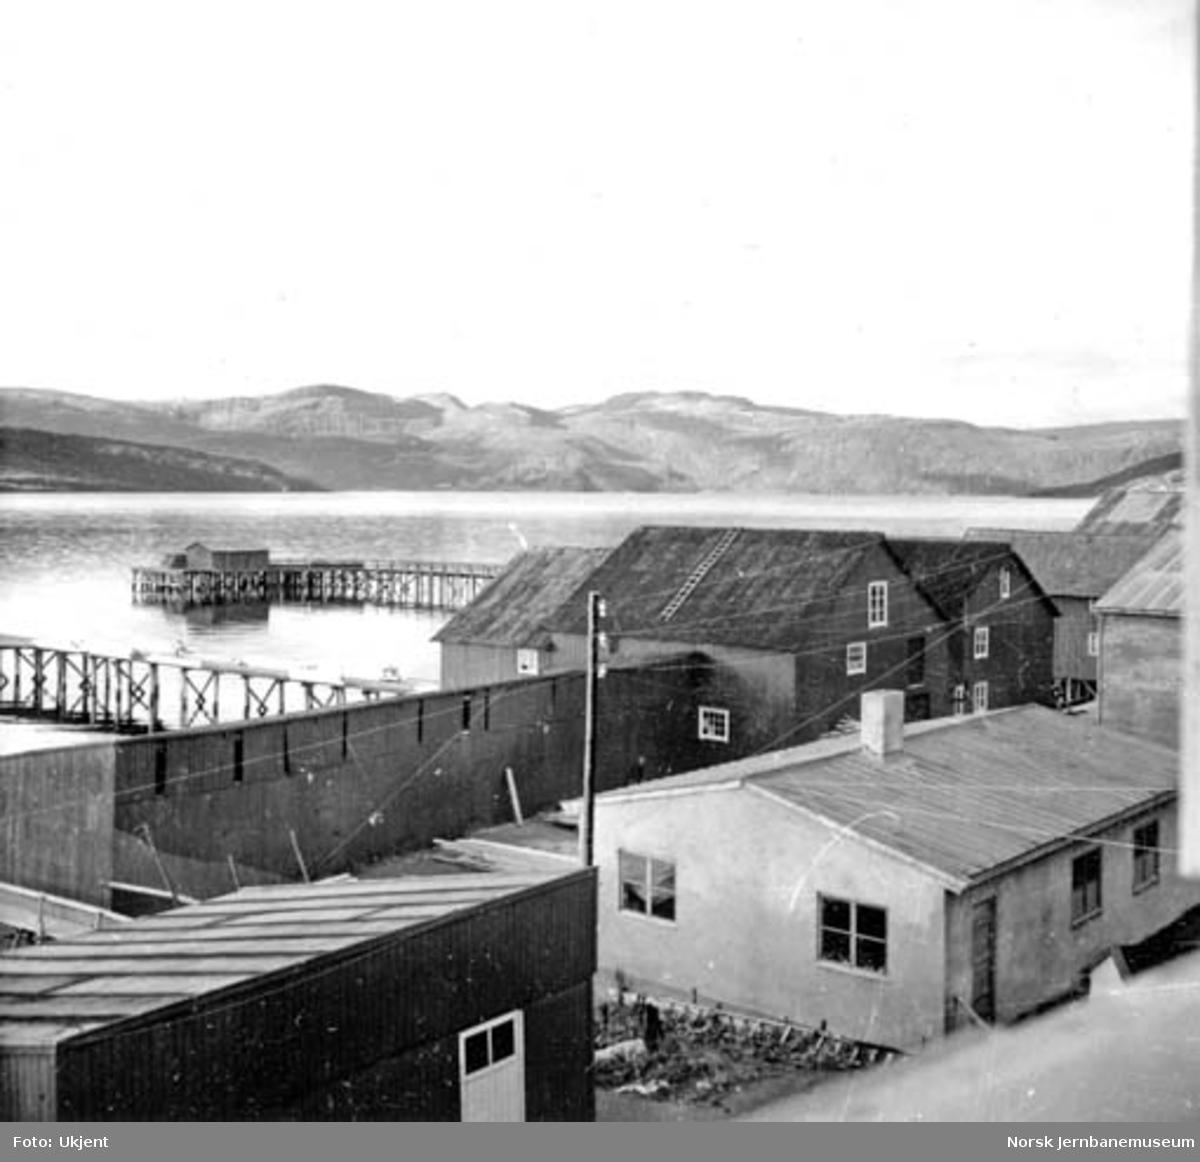 Fausked, sett utover mot Leivsettodden til venstre